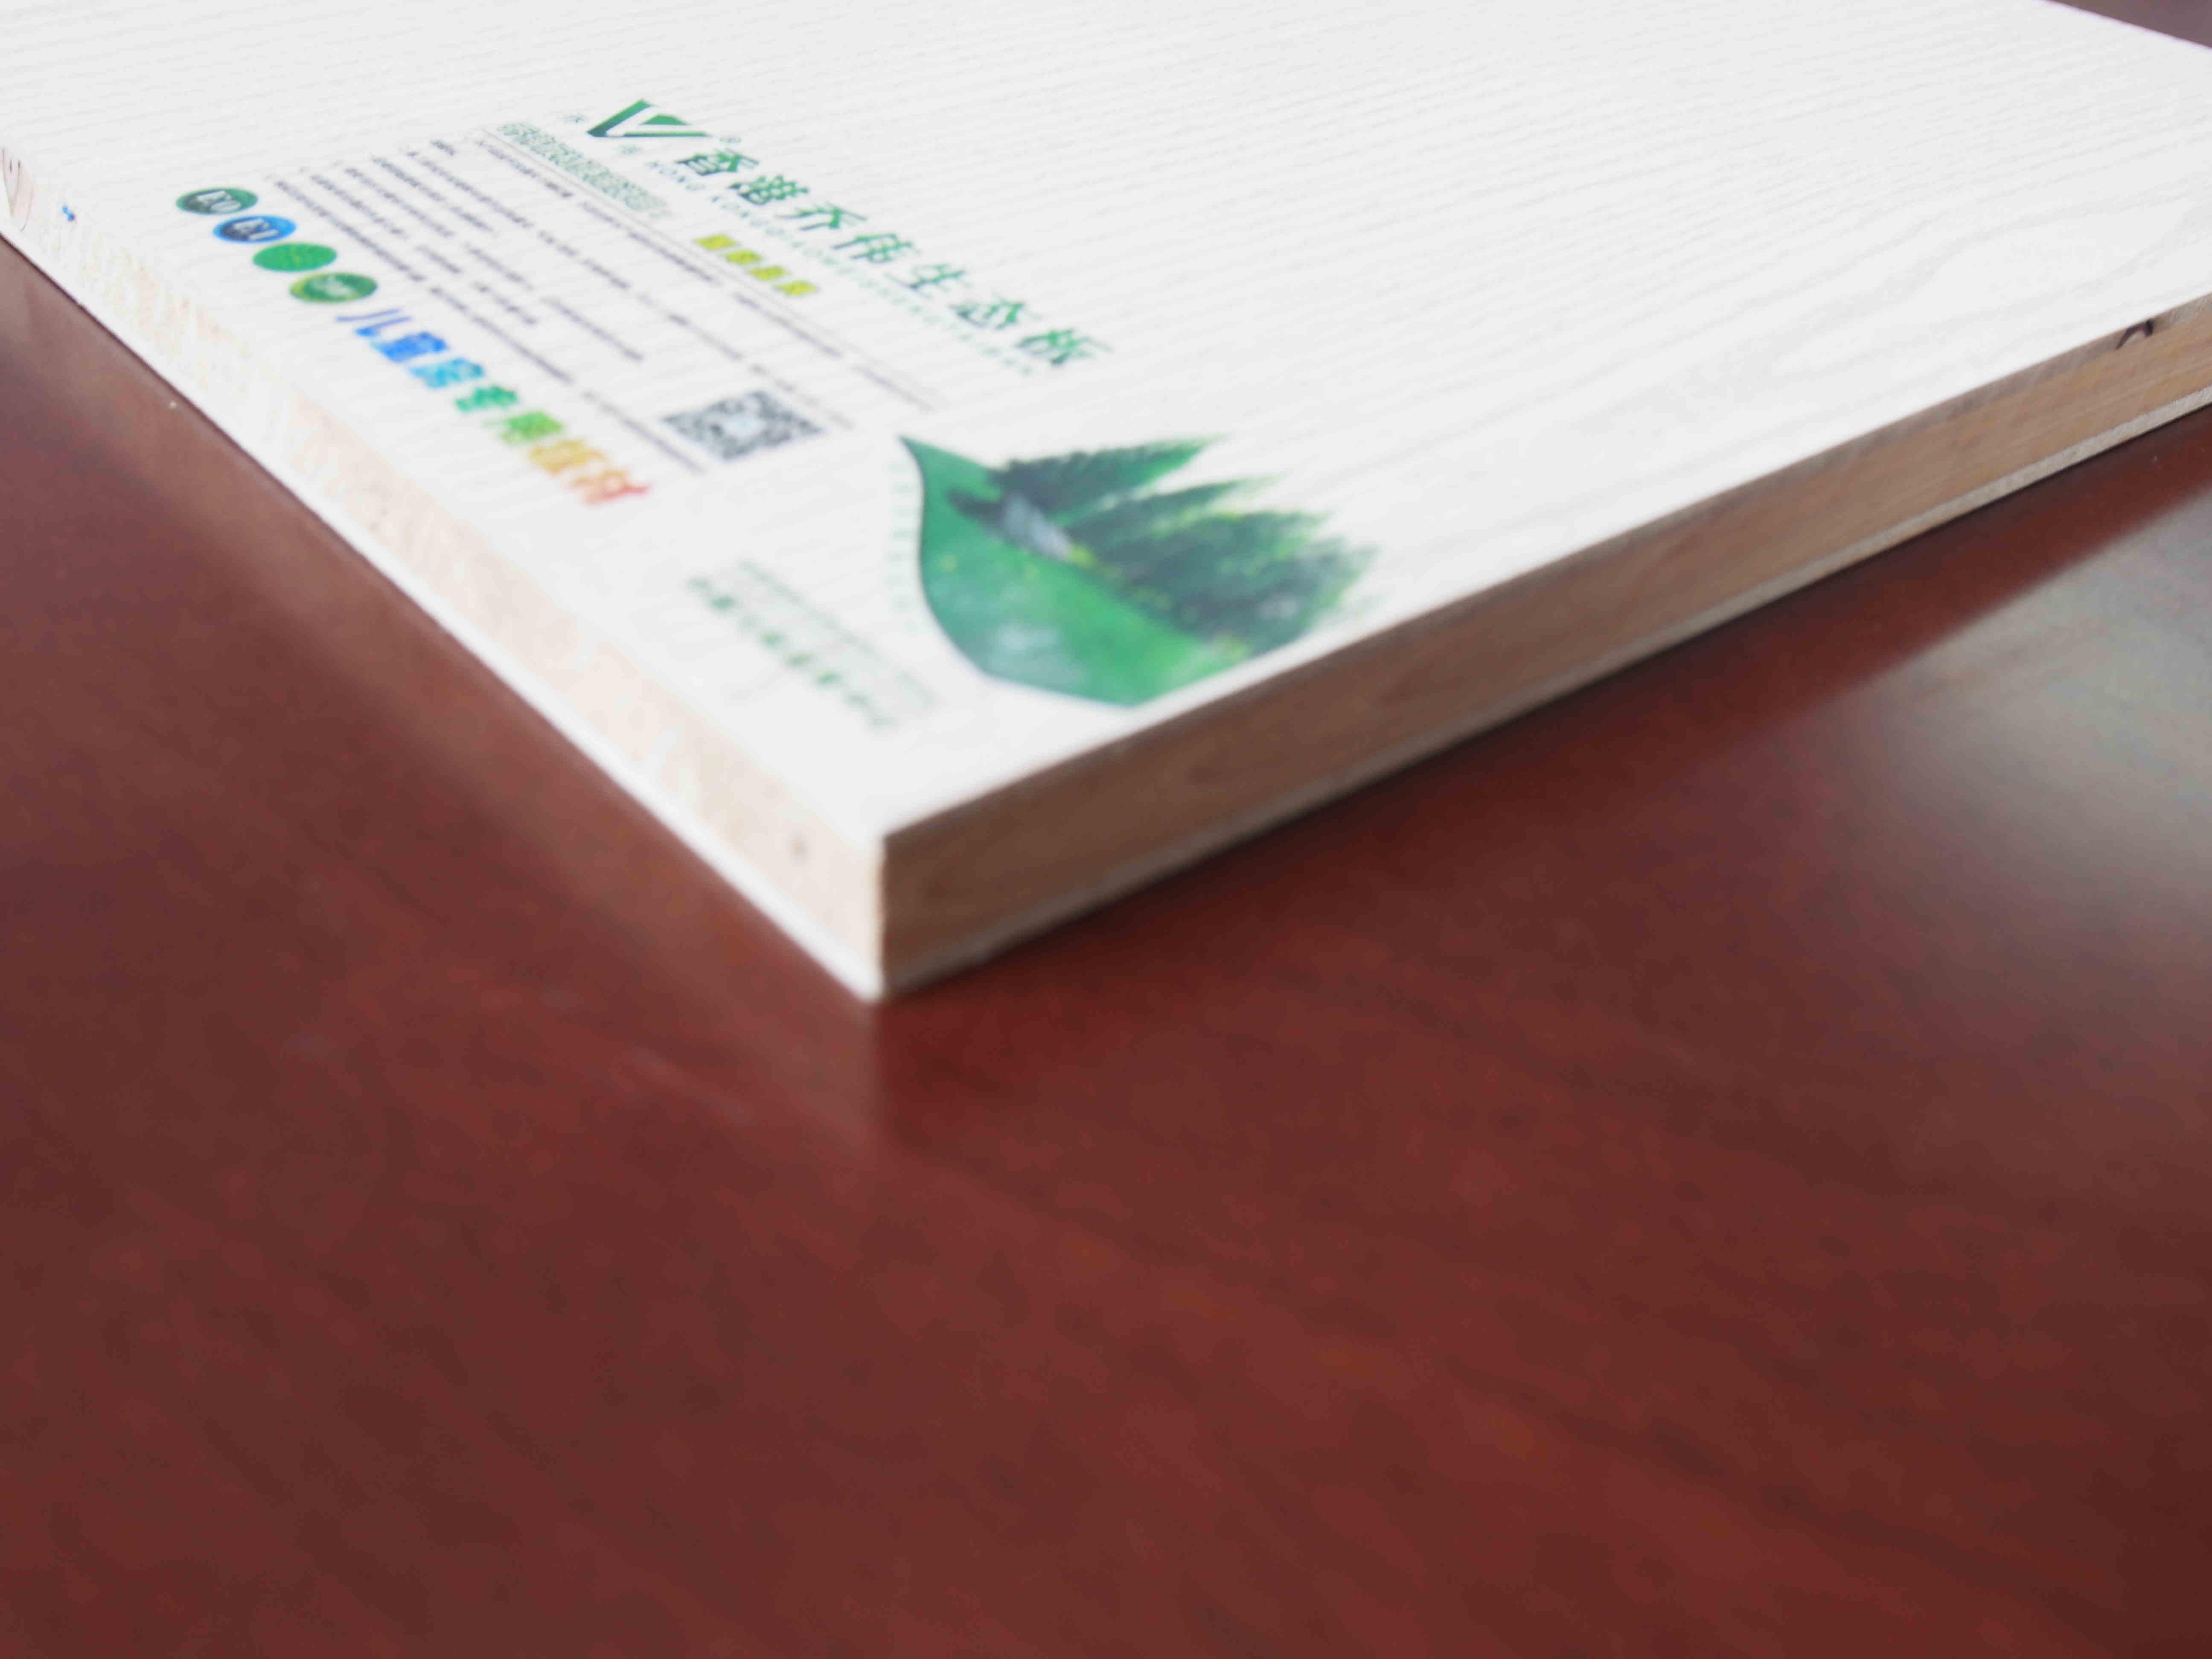 桐木生态板哪个牌子比较好_生态板多少钱相关-湖南乔伟生态科技新材料有限公司